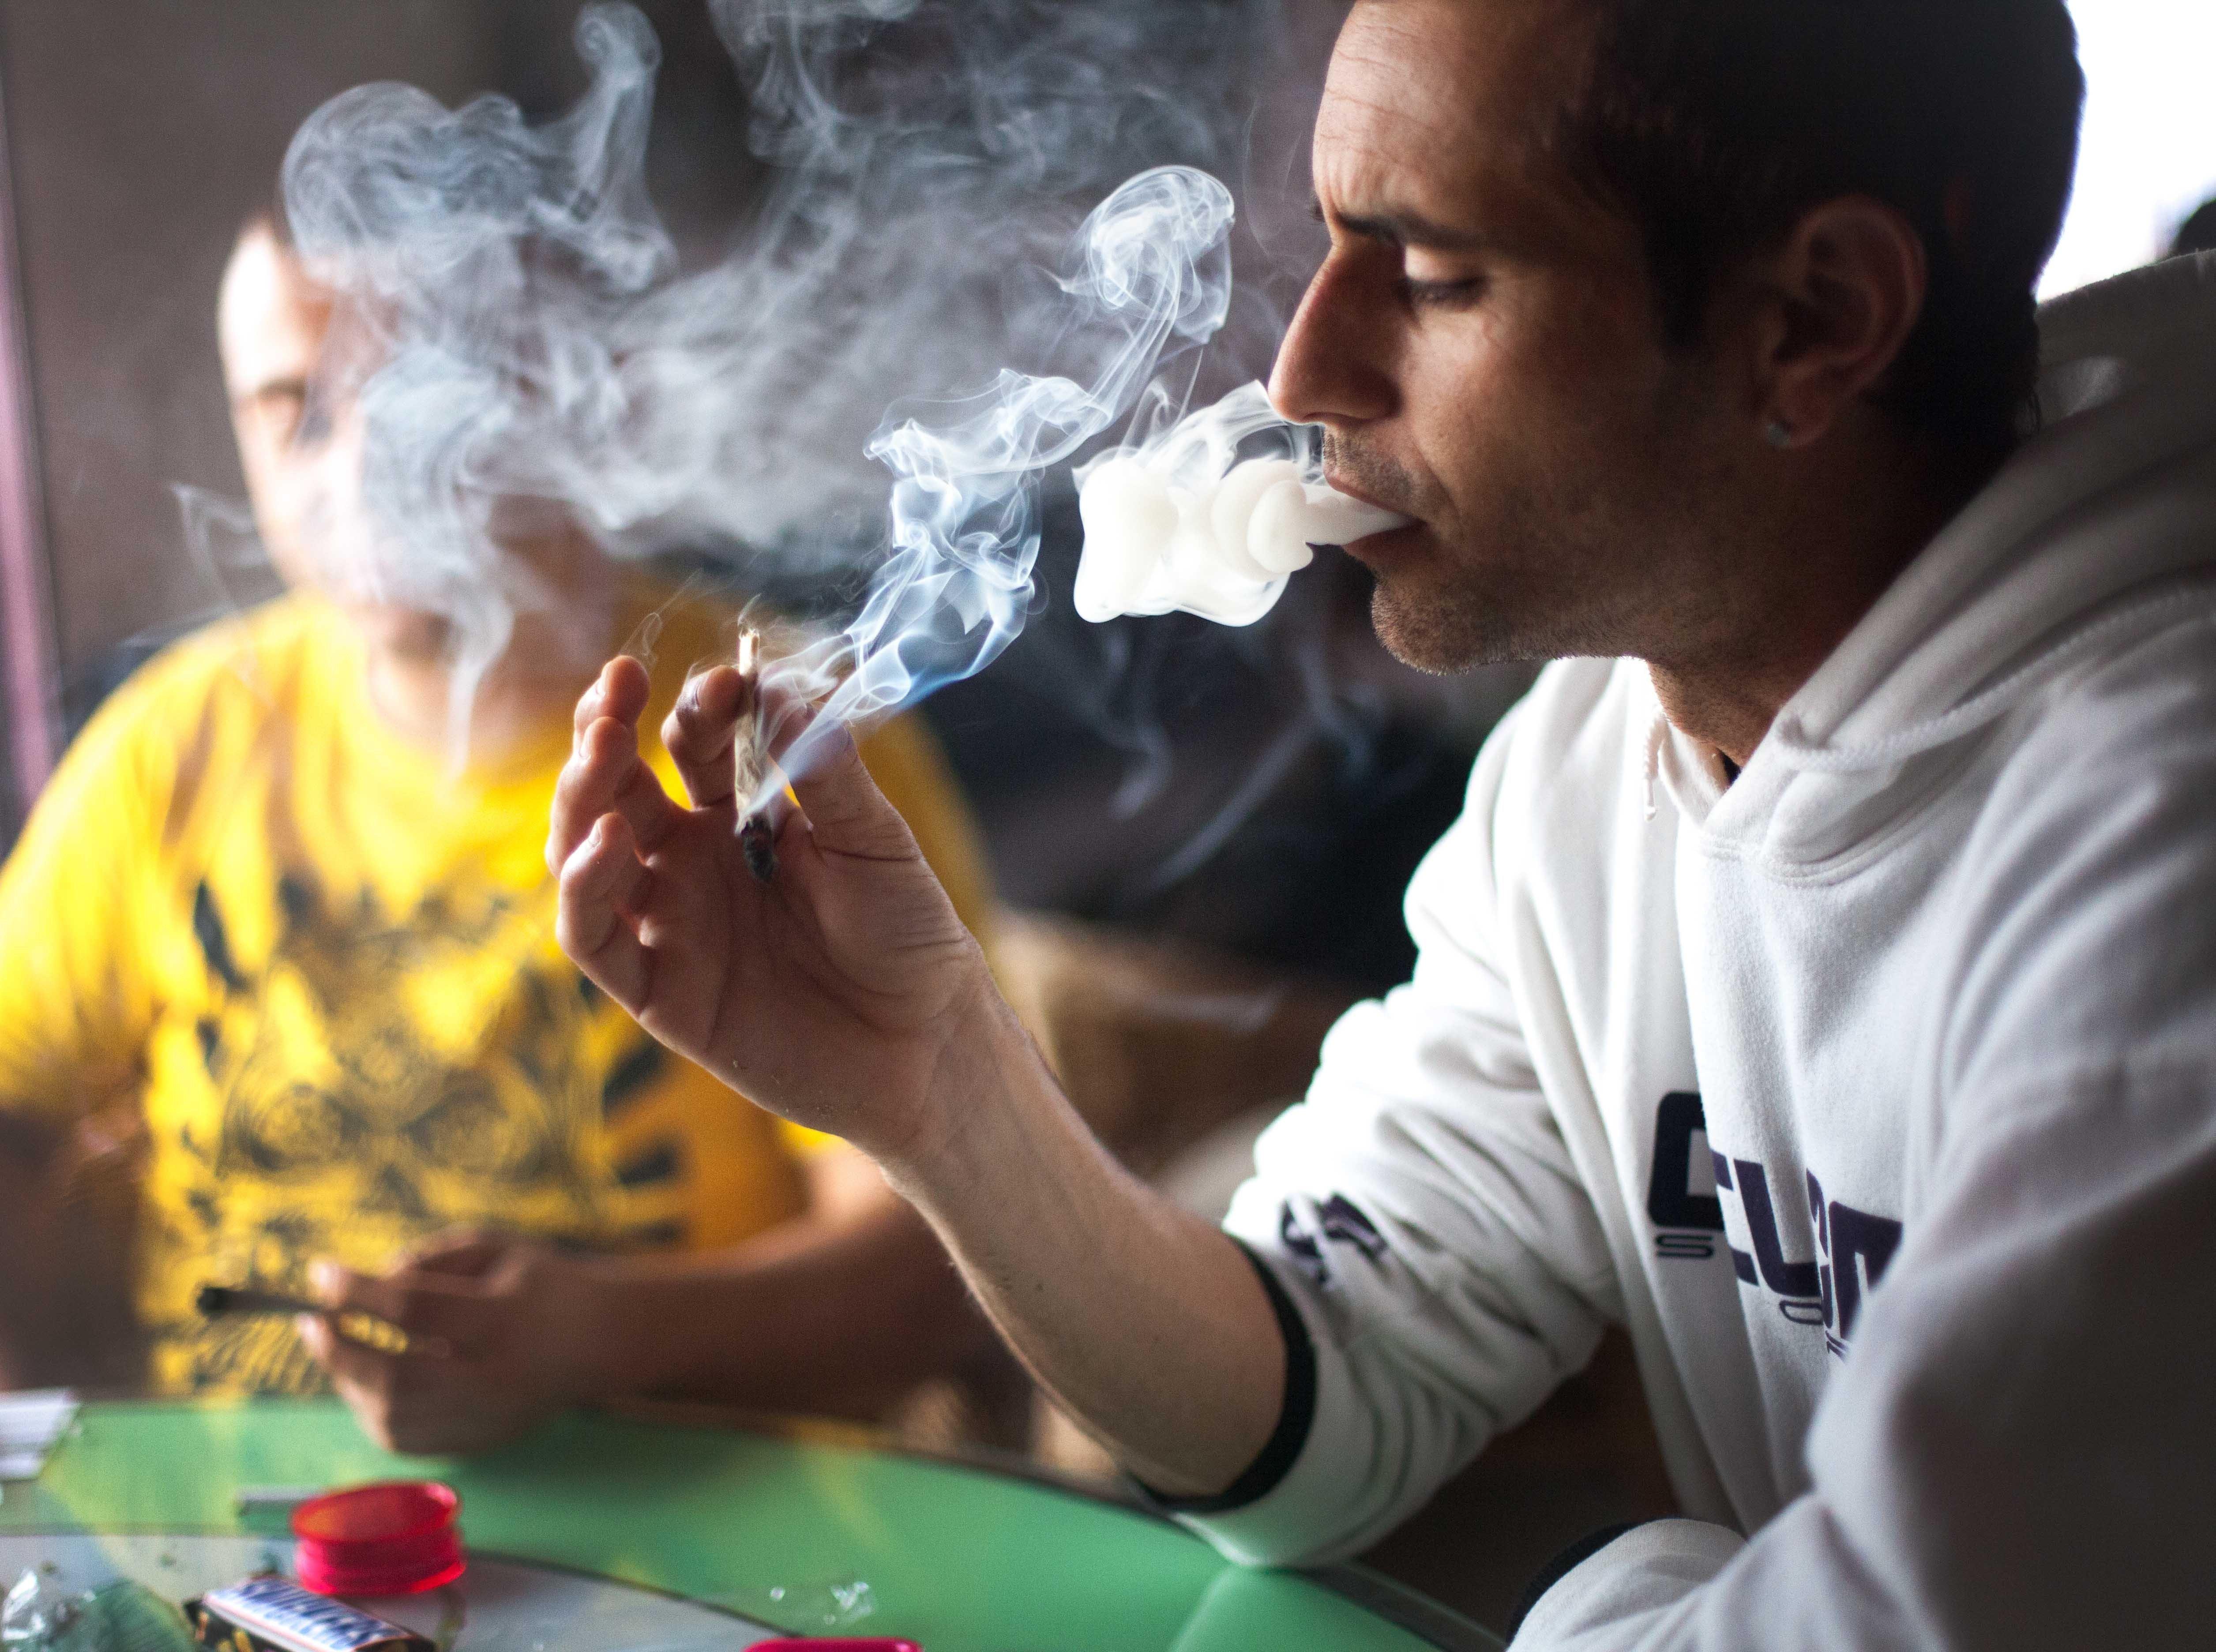 Lancet Report Means Drug Reformists Can't Be Branded 'Crazed Drug